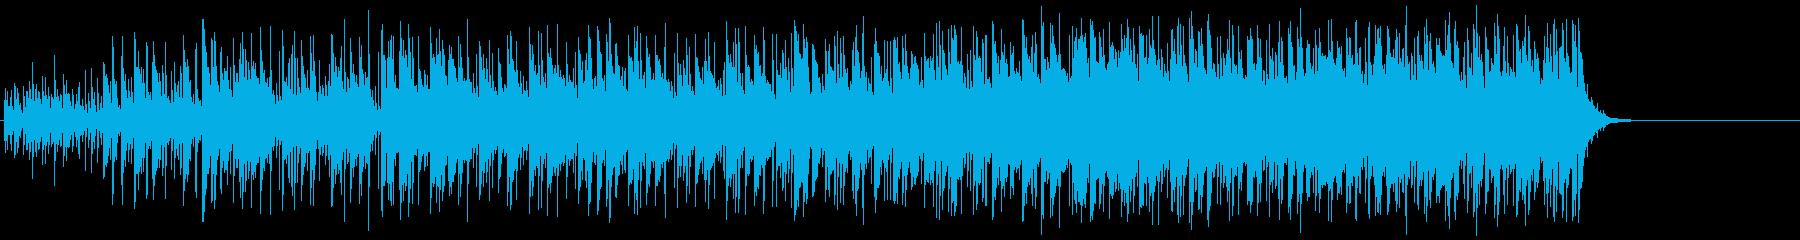 冷静なドキュメント風ポップ/マイナーの再生済みの波形